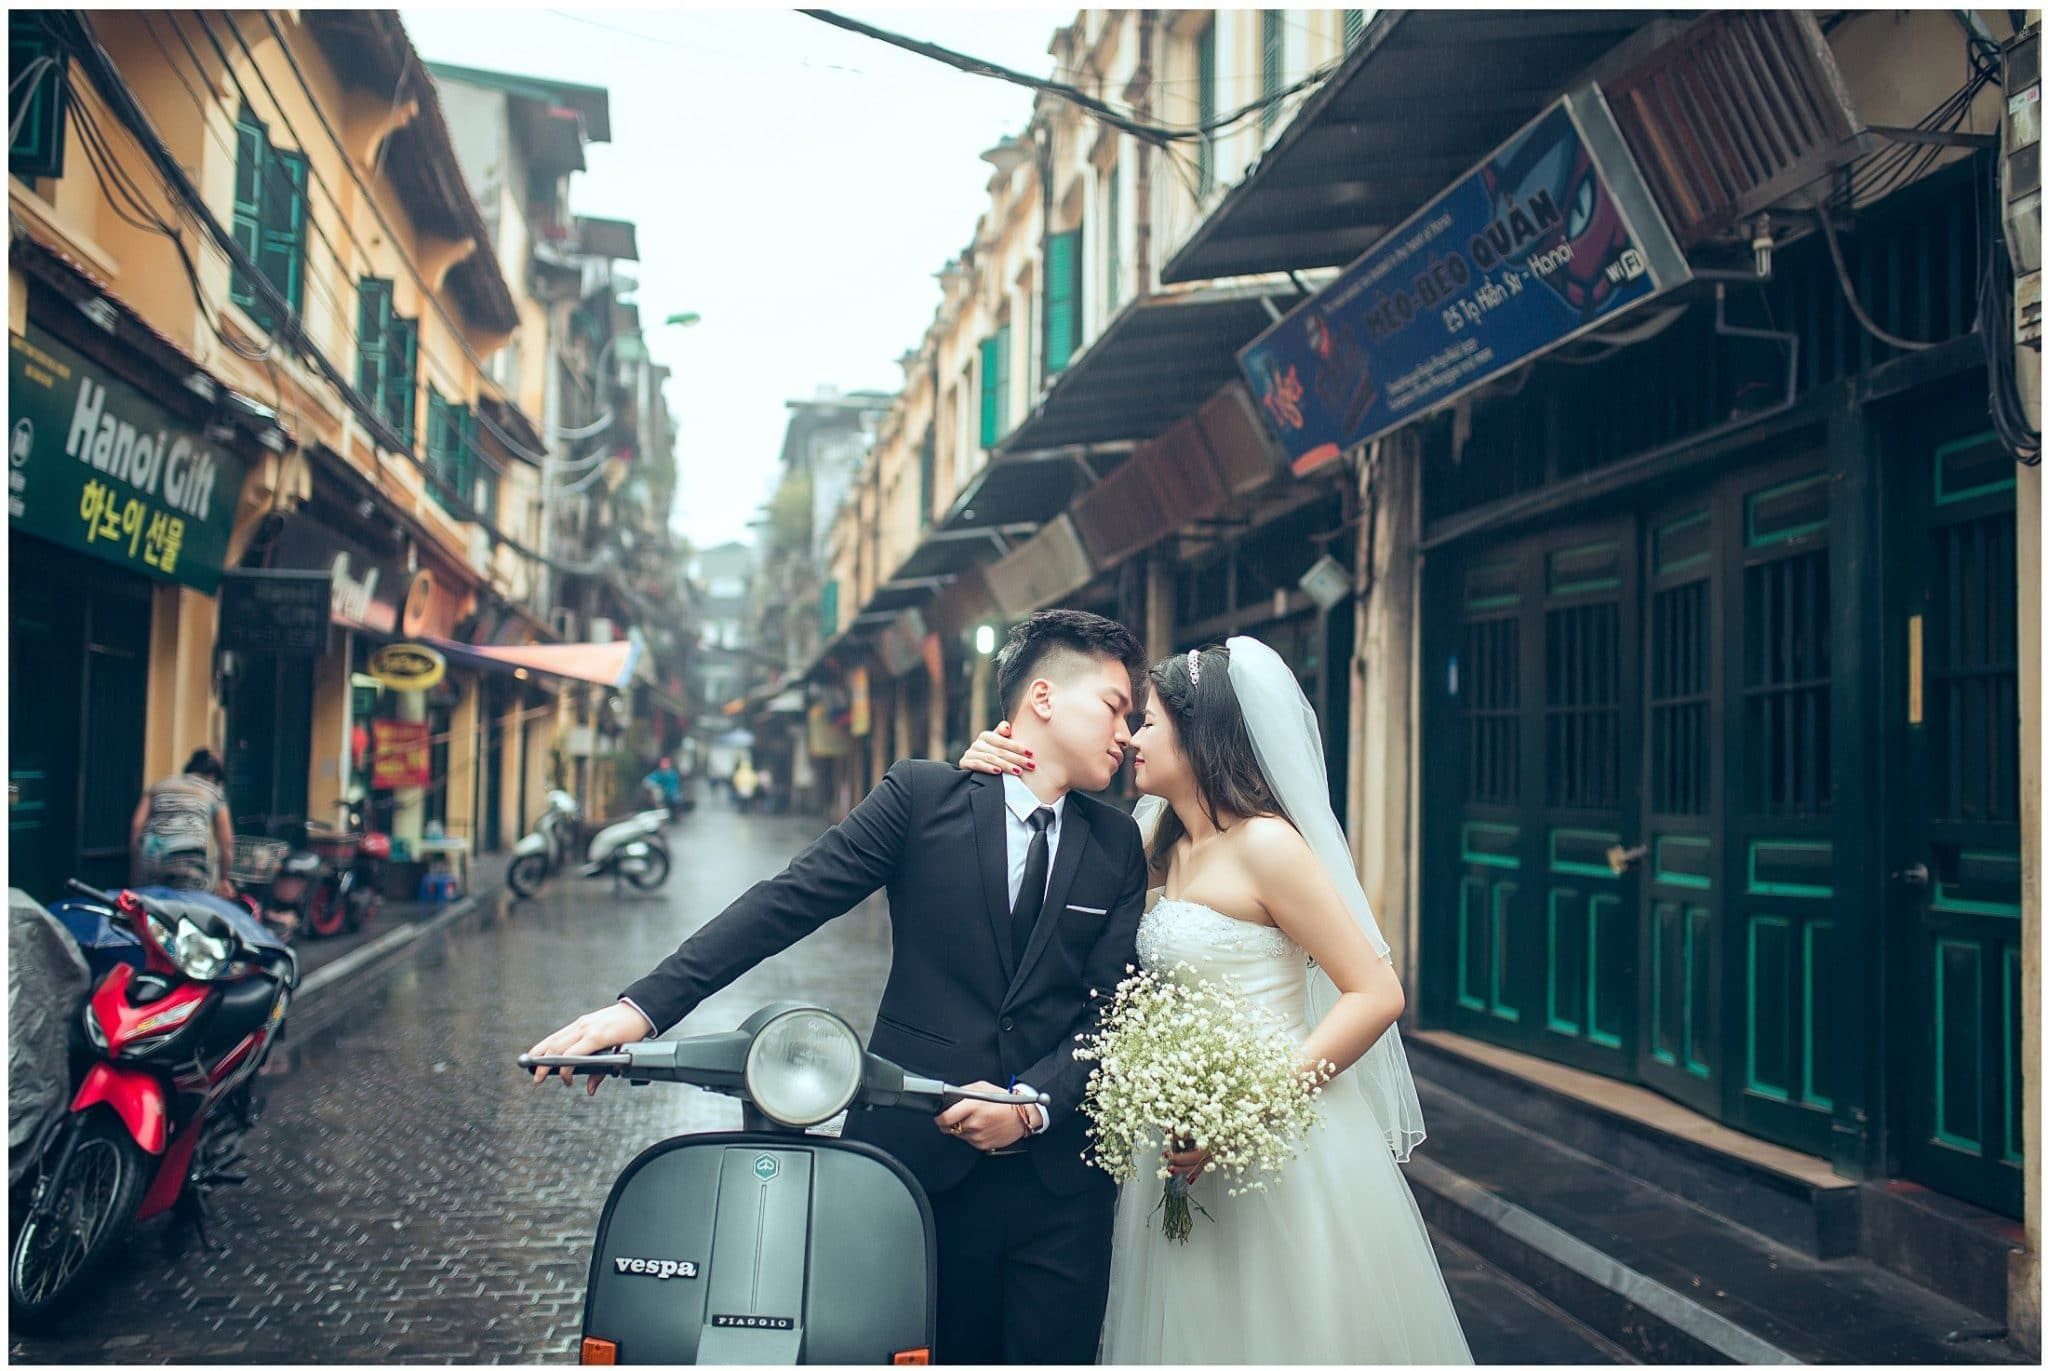 Những bức ảnh lãng mạn trong con phố cổ kính